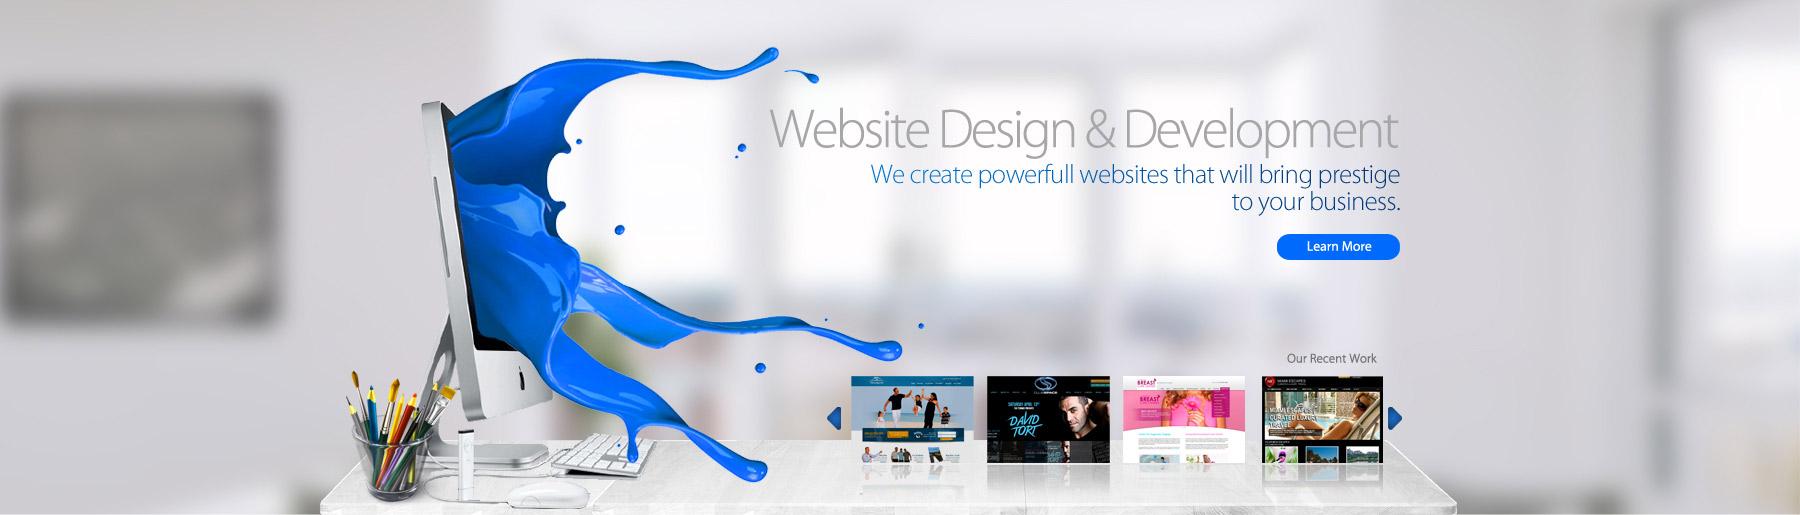 Web Design Lanzarote, Mobile Design Ecommerce, Responsive Design, website design ecommerce lanzarote